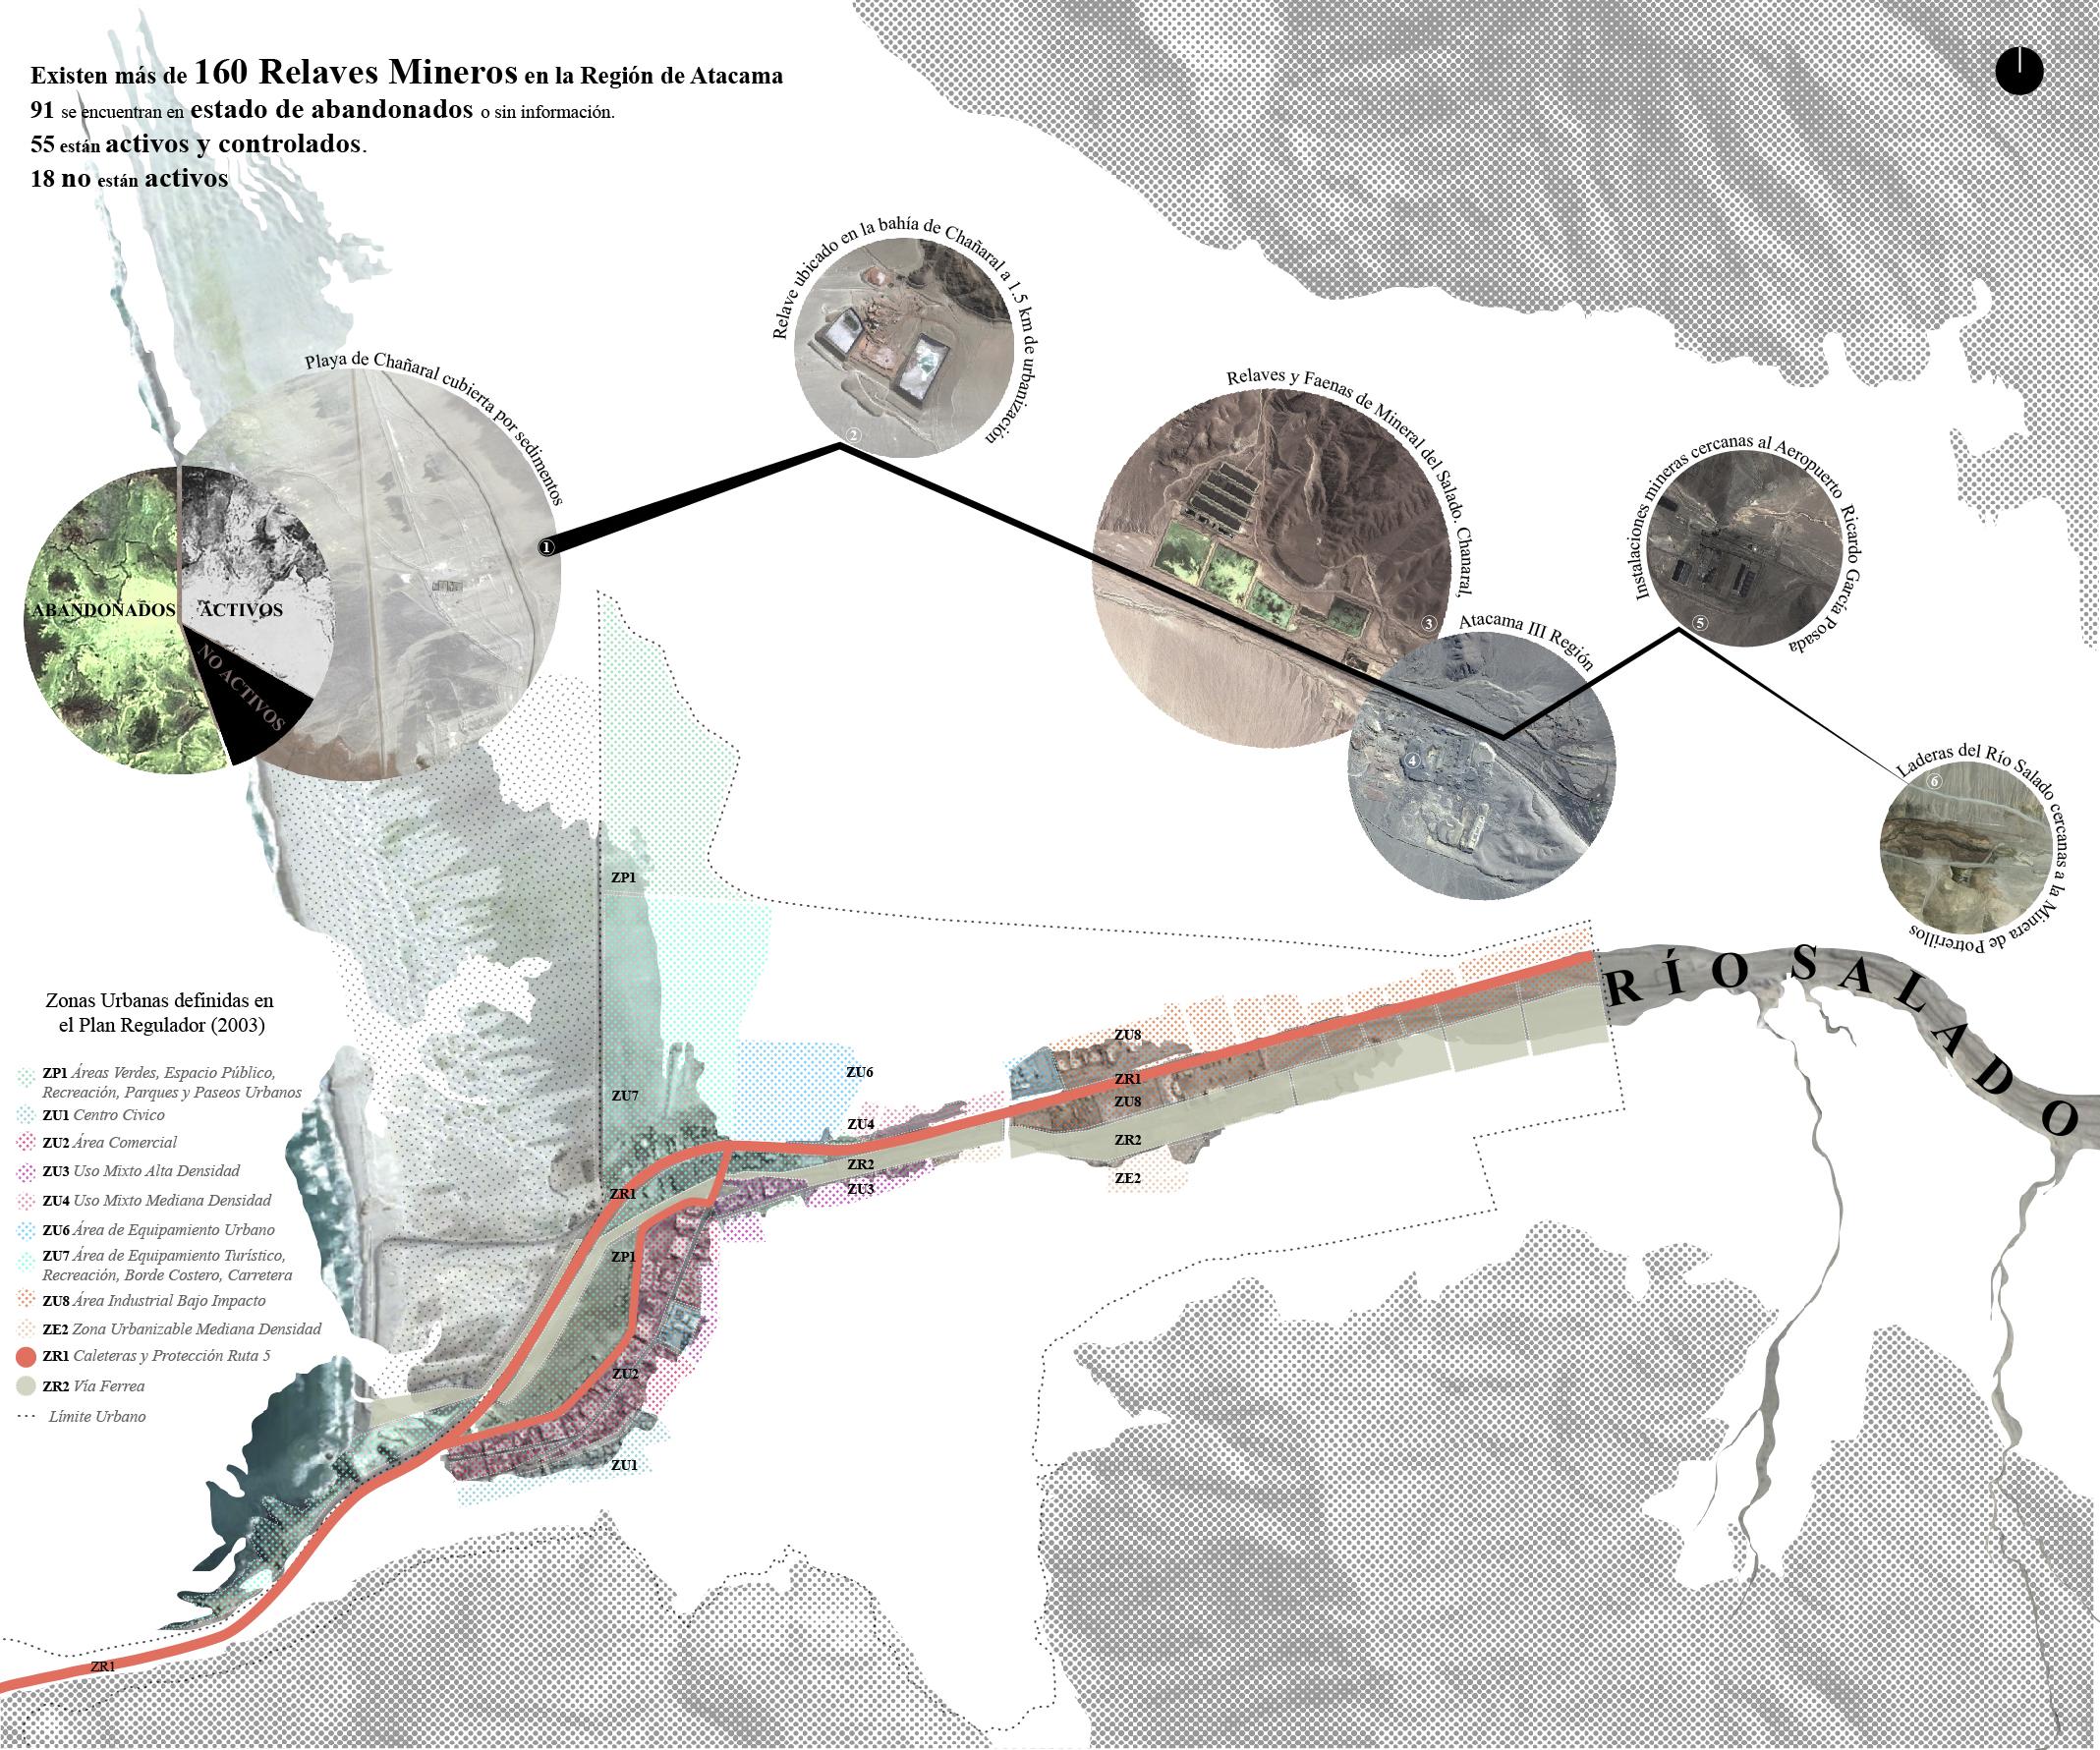 Infografía 2     © Dominique Bruneau S. para LOFscapes.